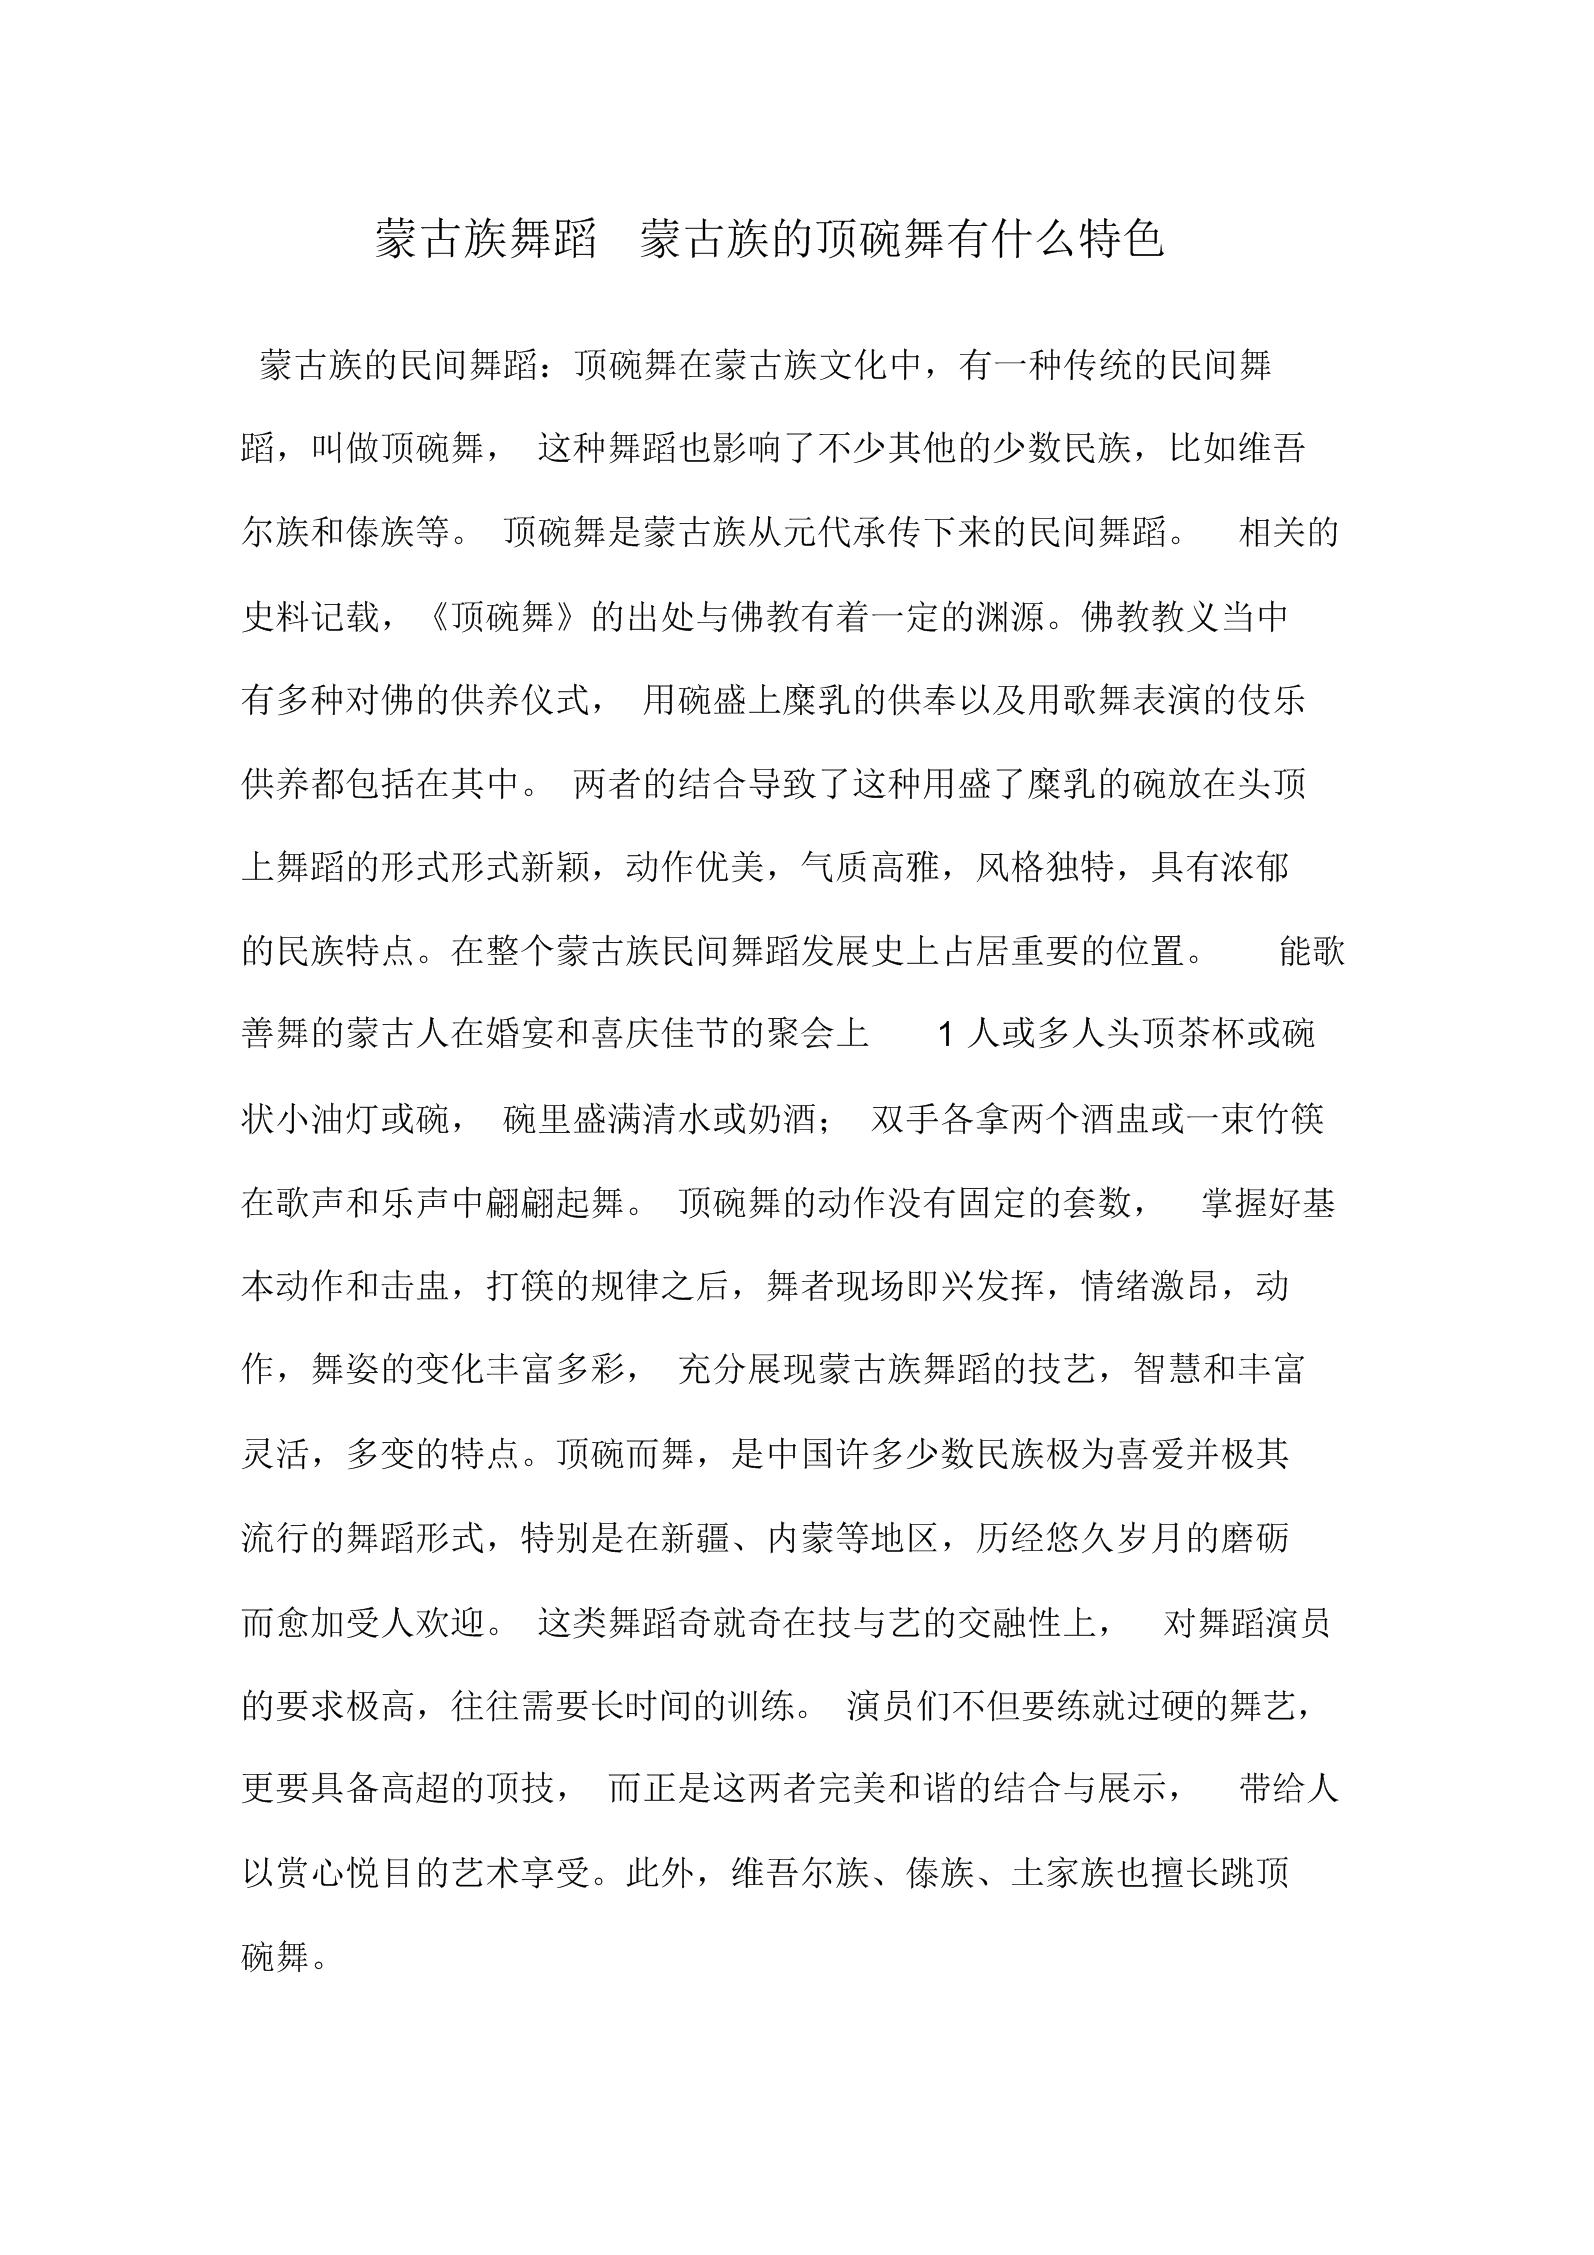 蒙古族舞蹈蒙古族的顶碗舞有什么特色.doc